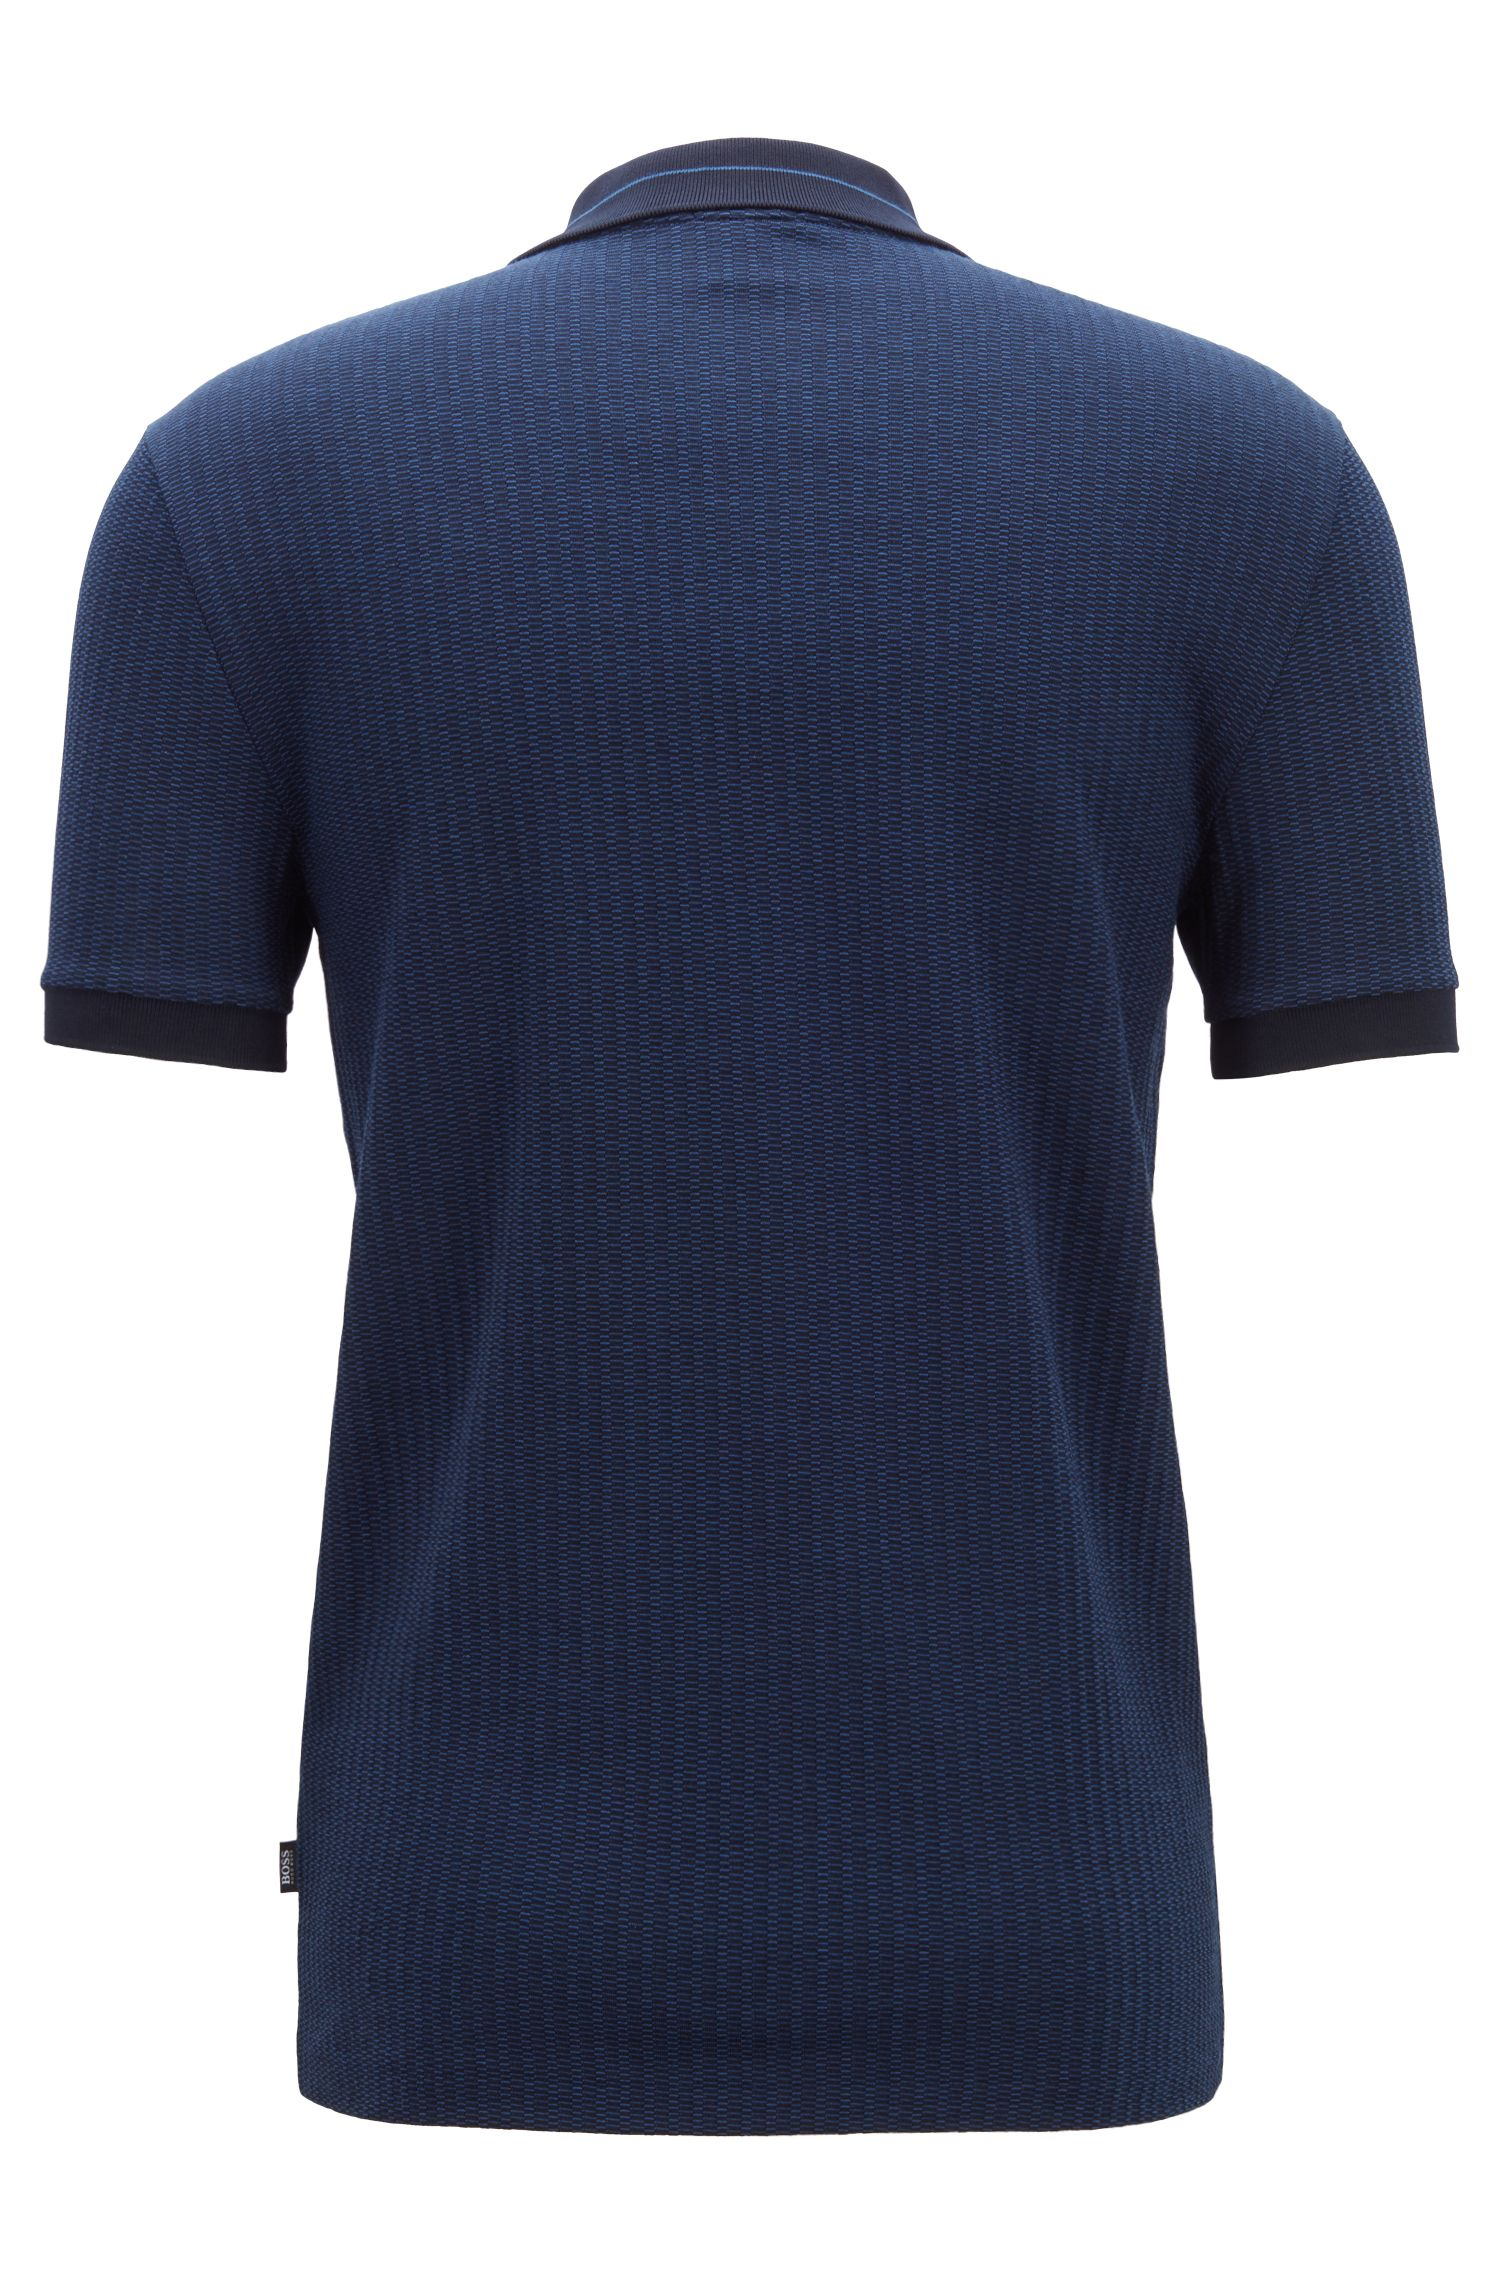 Fein gemustertes Slim-Fit Poloshirt aus Jacquard mit Streifen-Struktur, Dunkelblau